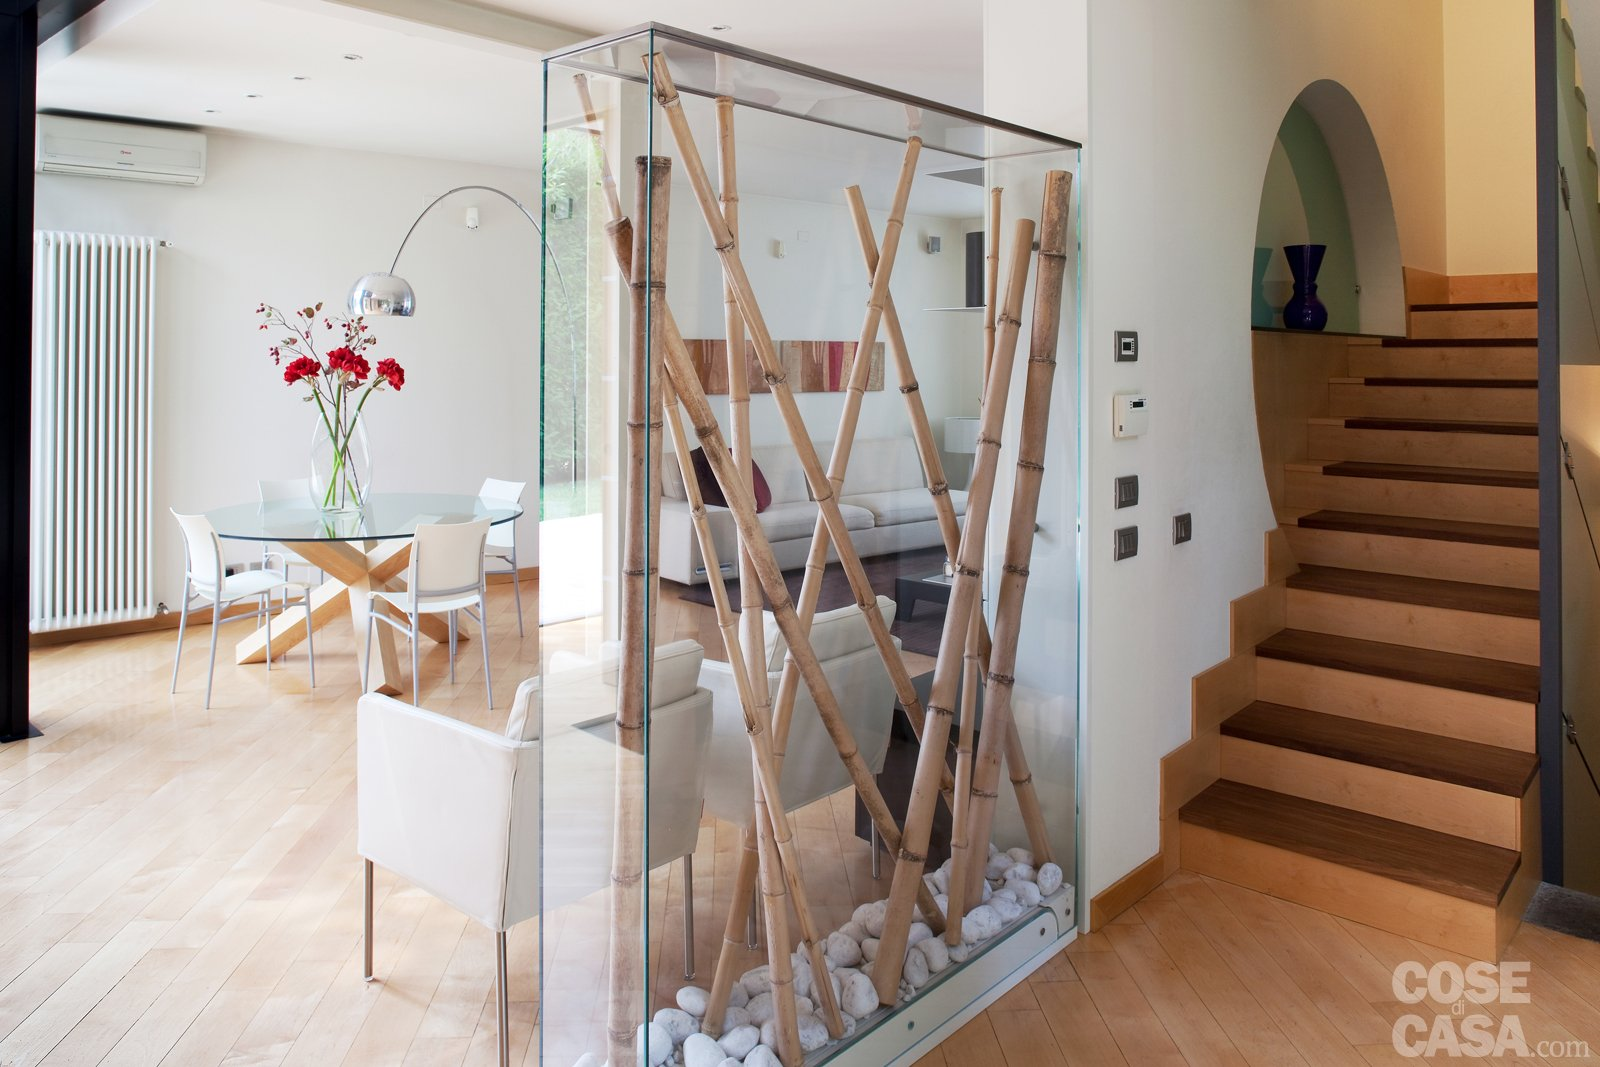 Una casa con soluzioni che moltiplicano la luce cose di casa - Soluzioni ingresso casa ...